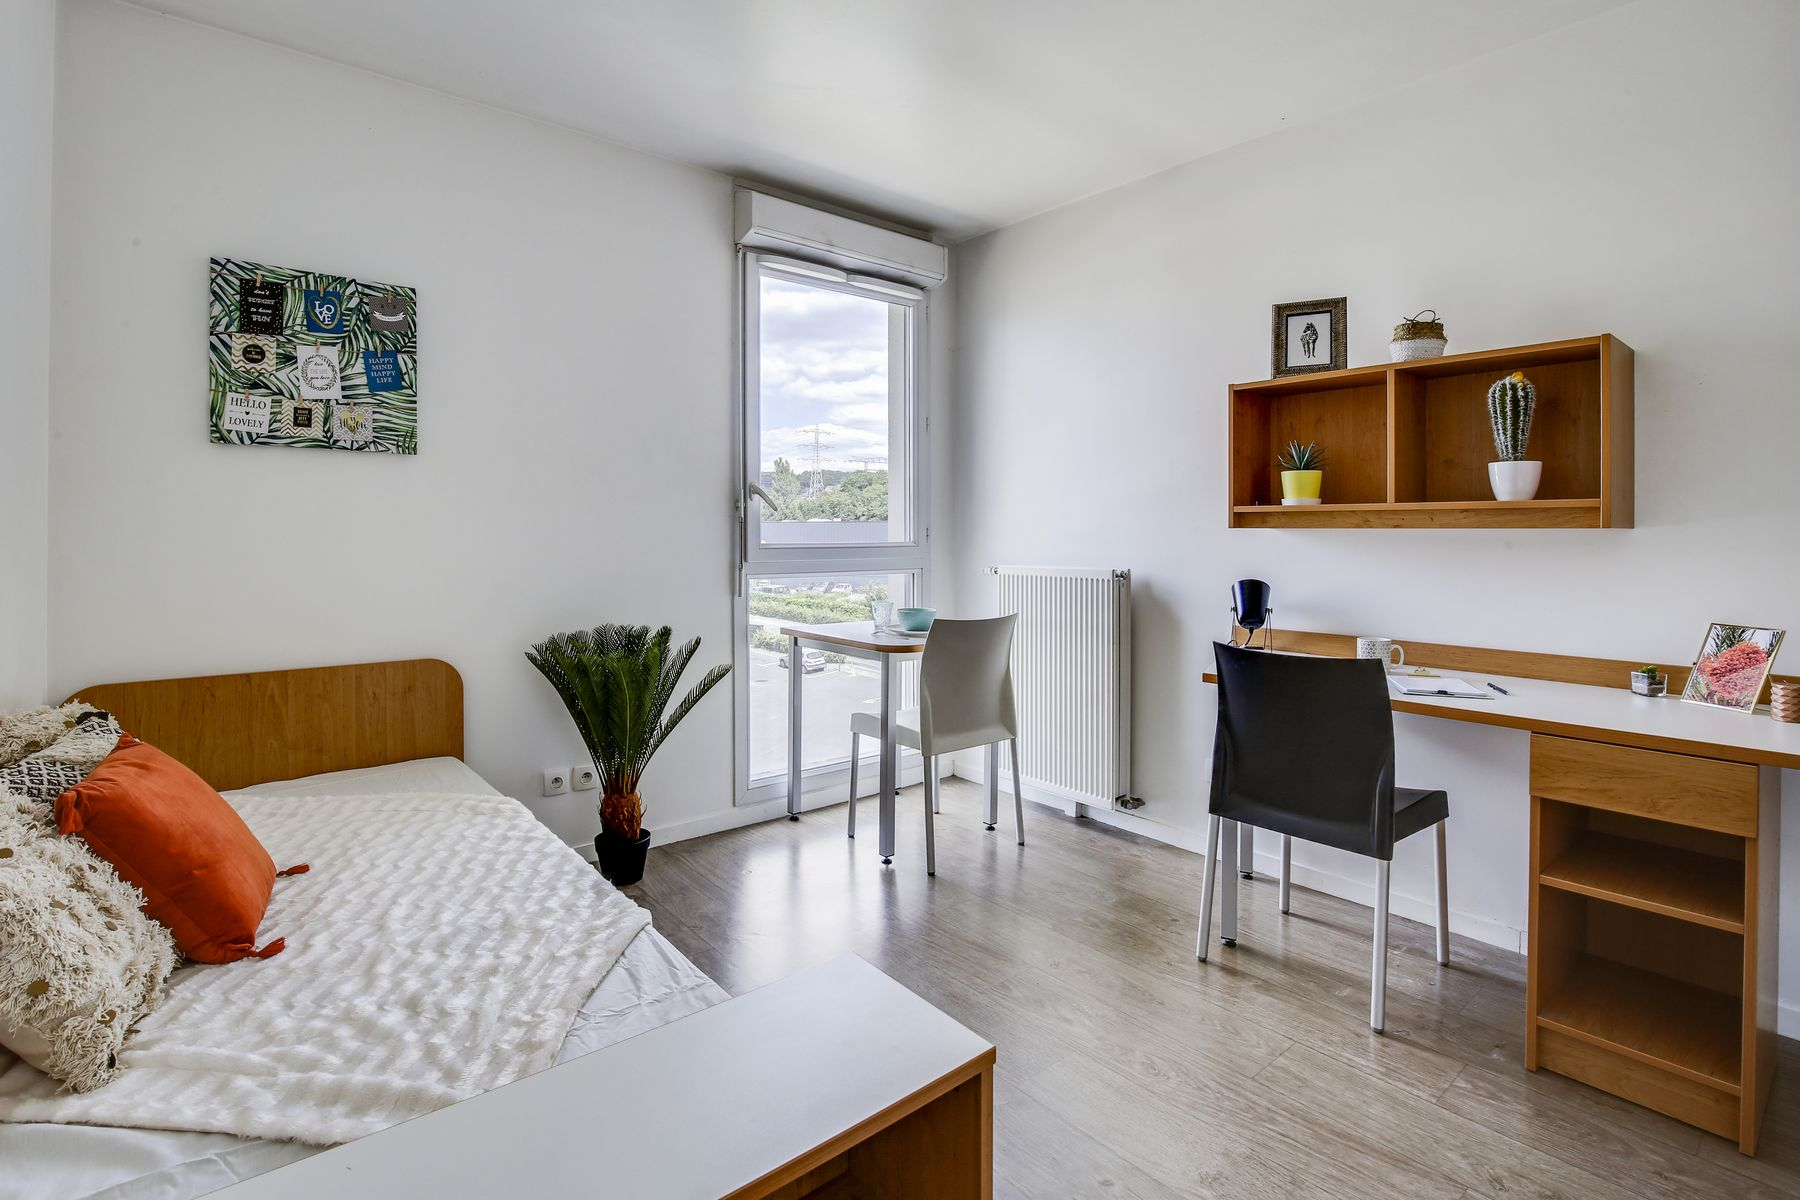 LOGIFAC résidence étudiante Compas Palaiseau placards et lit